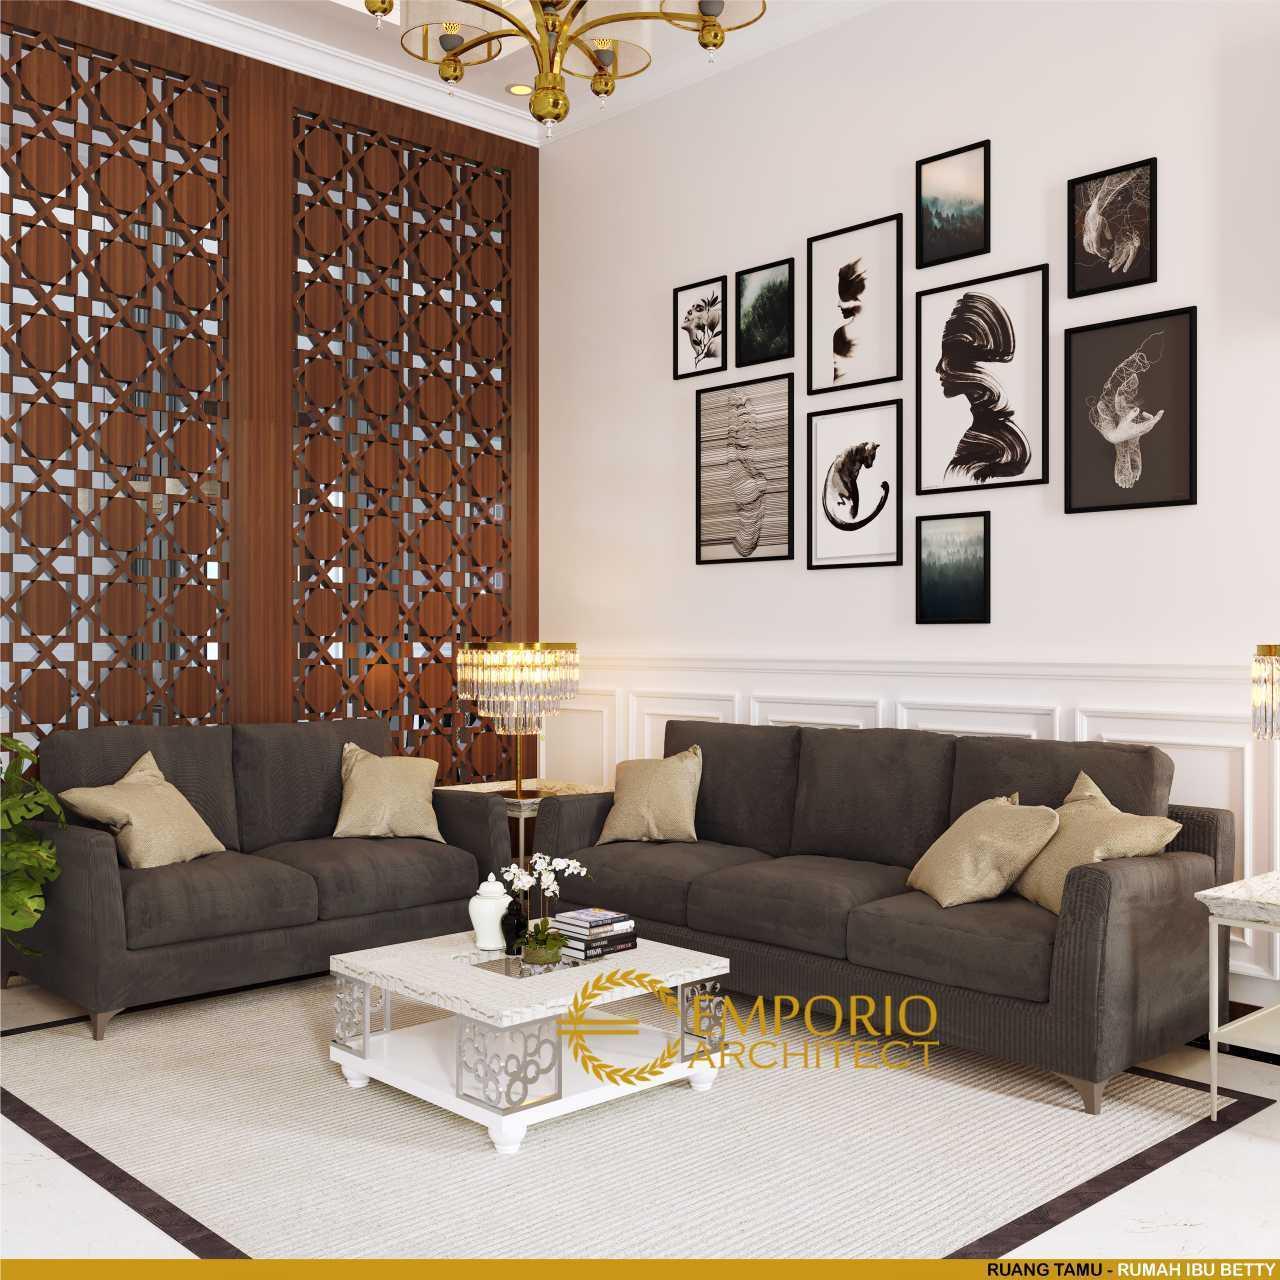 Emporio Architect Jasa Arsitek Bengkulu Desain Rumah Classic 2 Lantai 760 @ Bengkulu Bengkulu, Kota Bengkulu, Bengkulu, Indonesia Bengkulu, Kota Bengkulu, Bengkulu, Indonesia Emporio-Architect-Jasa-Arsitek-Bengkulu-Desain-Rumah-Classic-2-Lantai-760-Bengkulu   87148